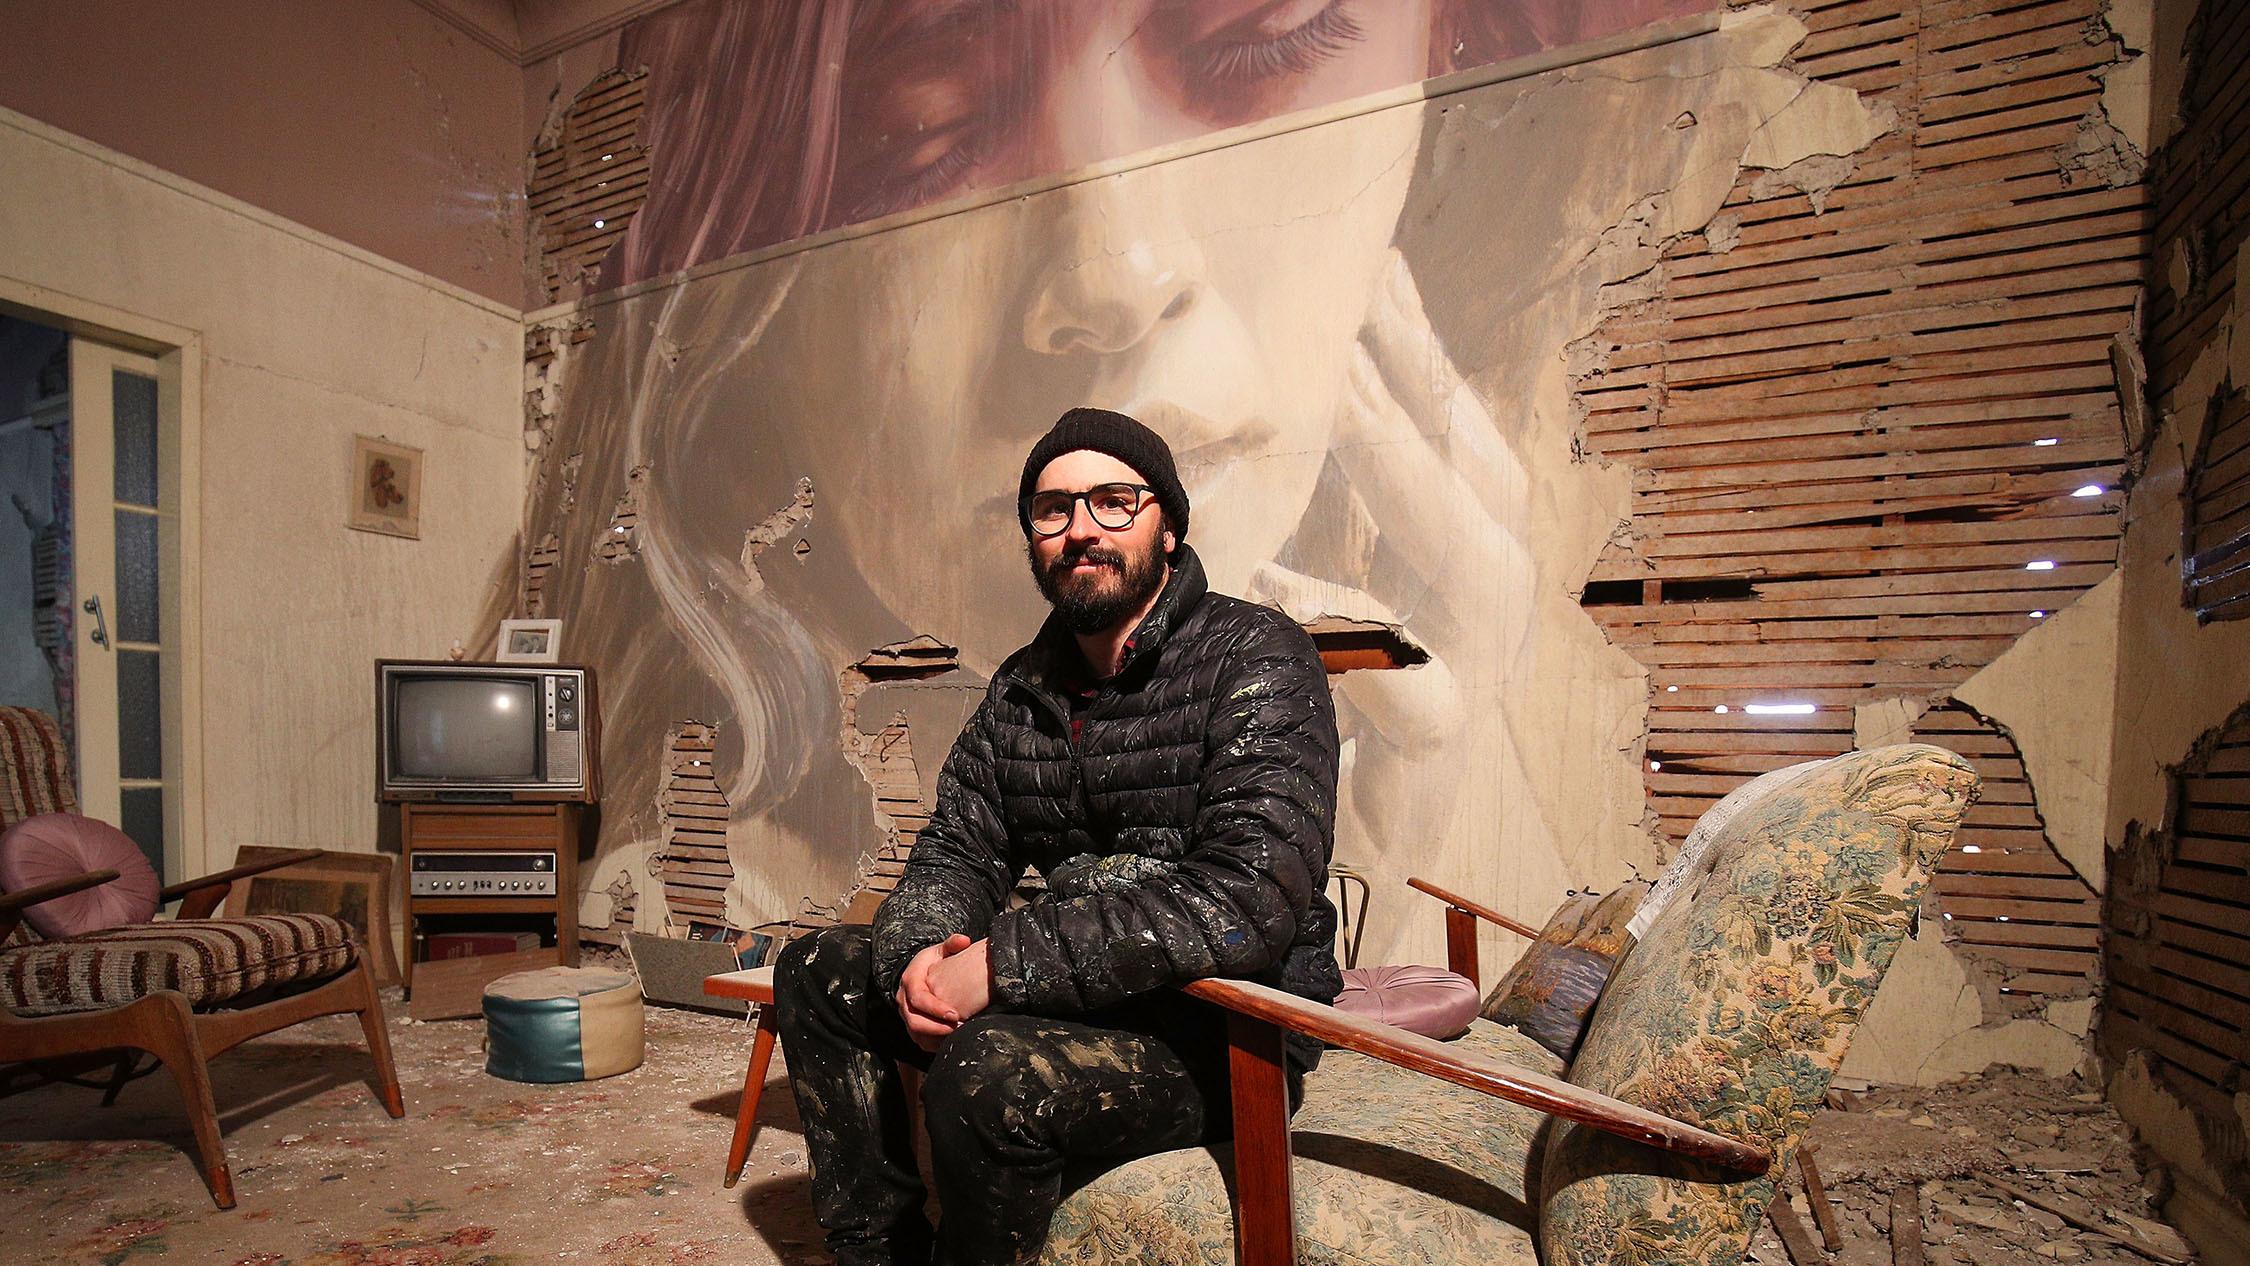 La decadenza incontra la bellezza nel progetto Omega dello street artist Rone | Collater.al 4